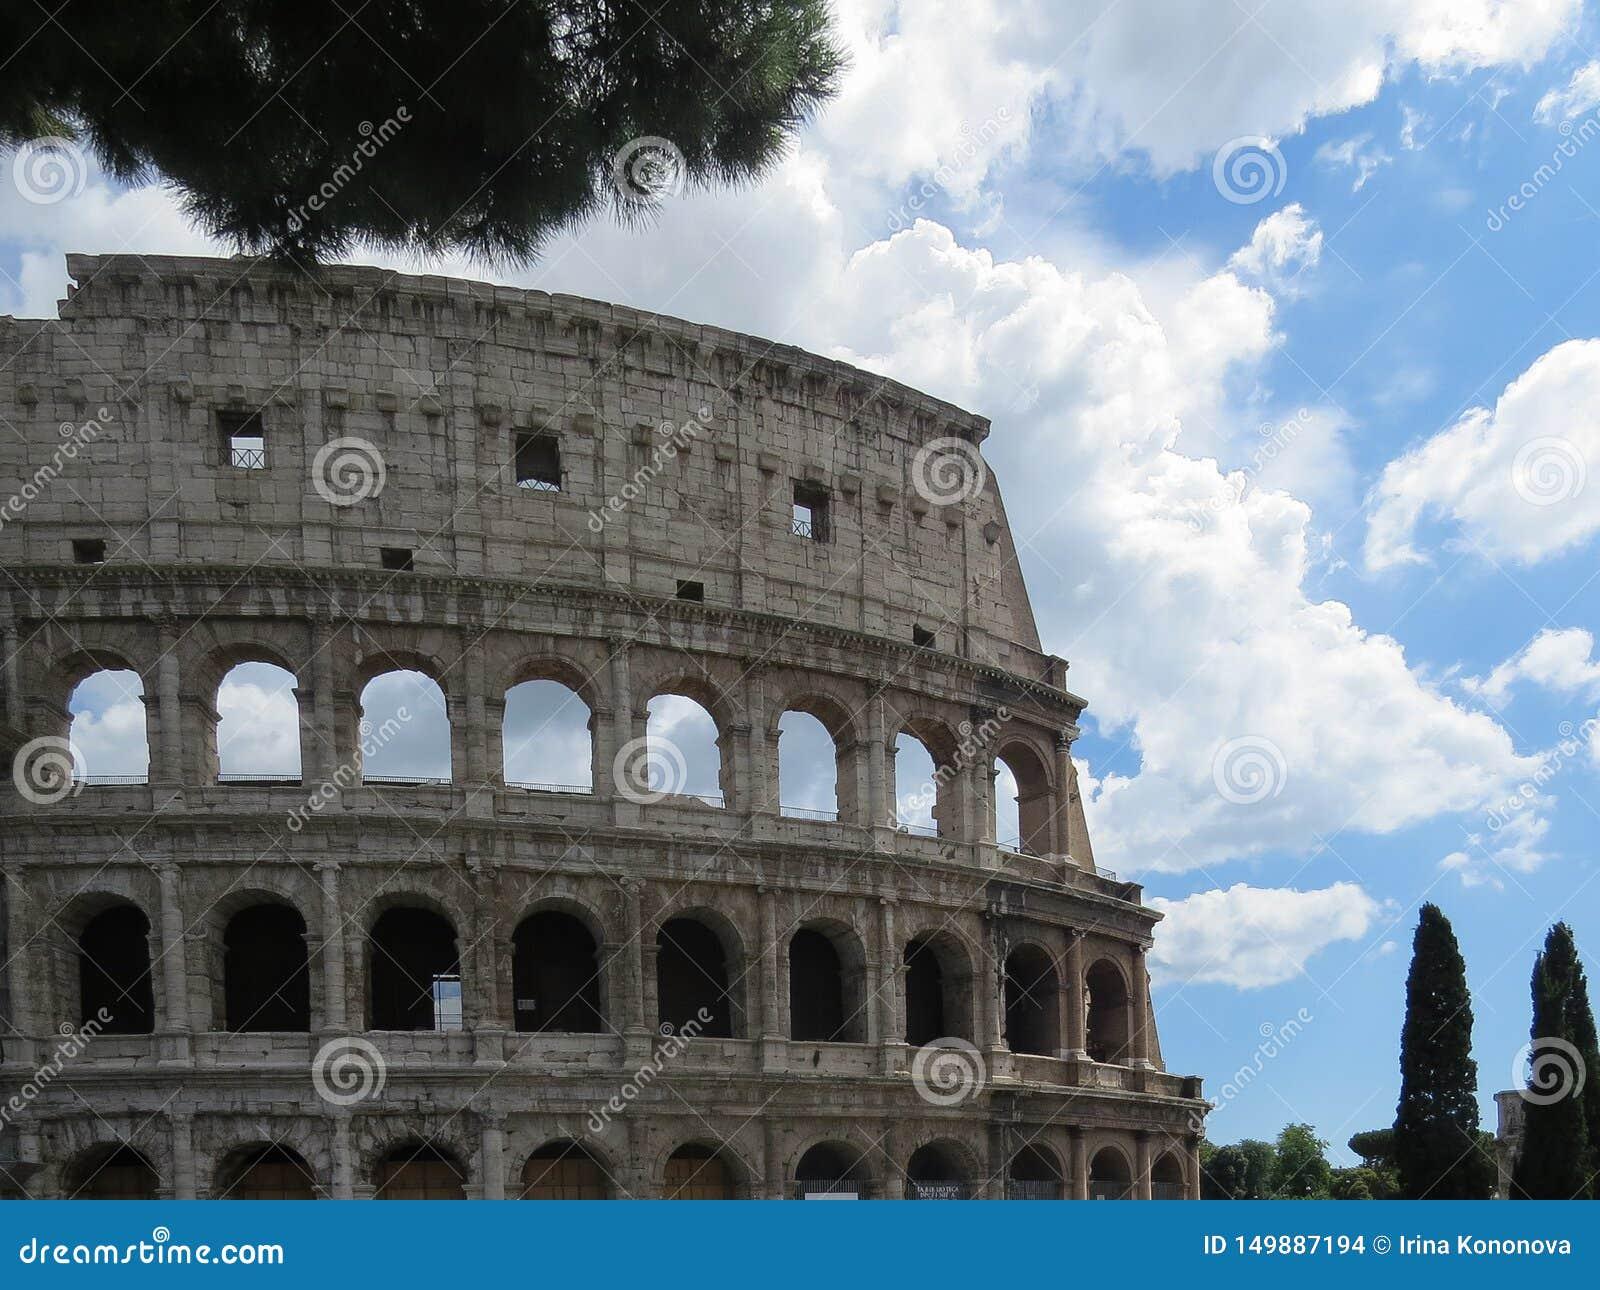 Детальный взгляд внешней стены Colosseum в Риме против голубого облачного неба